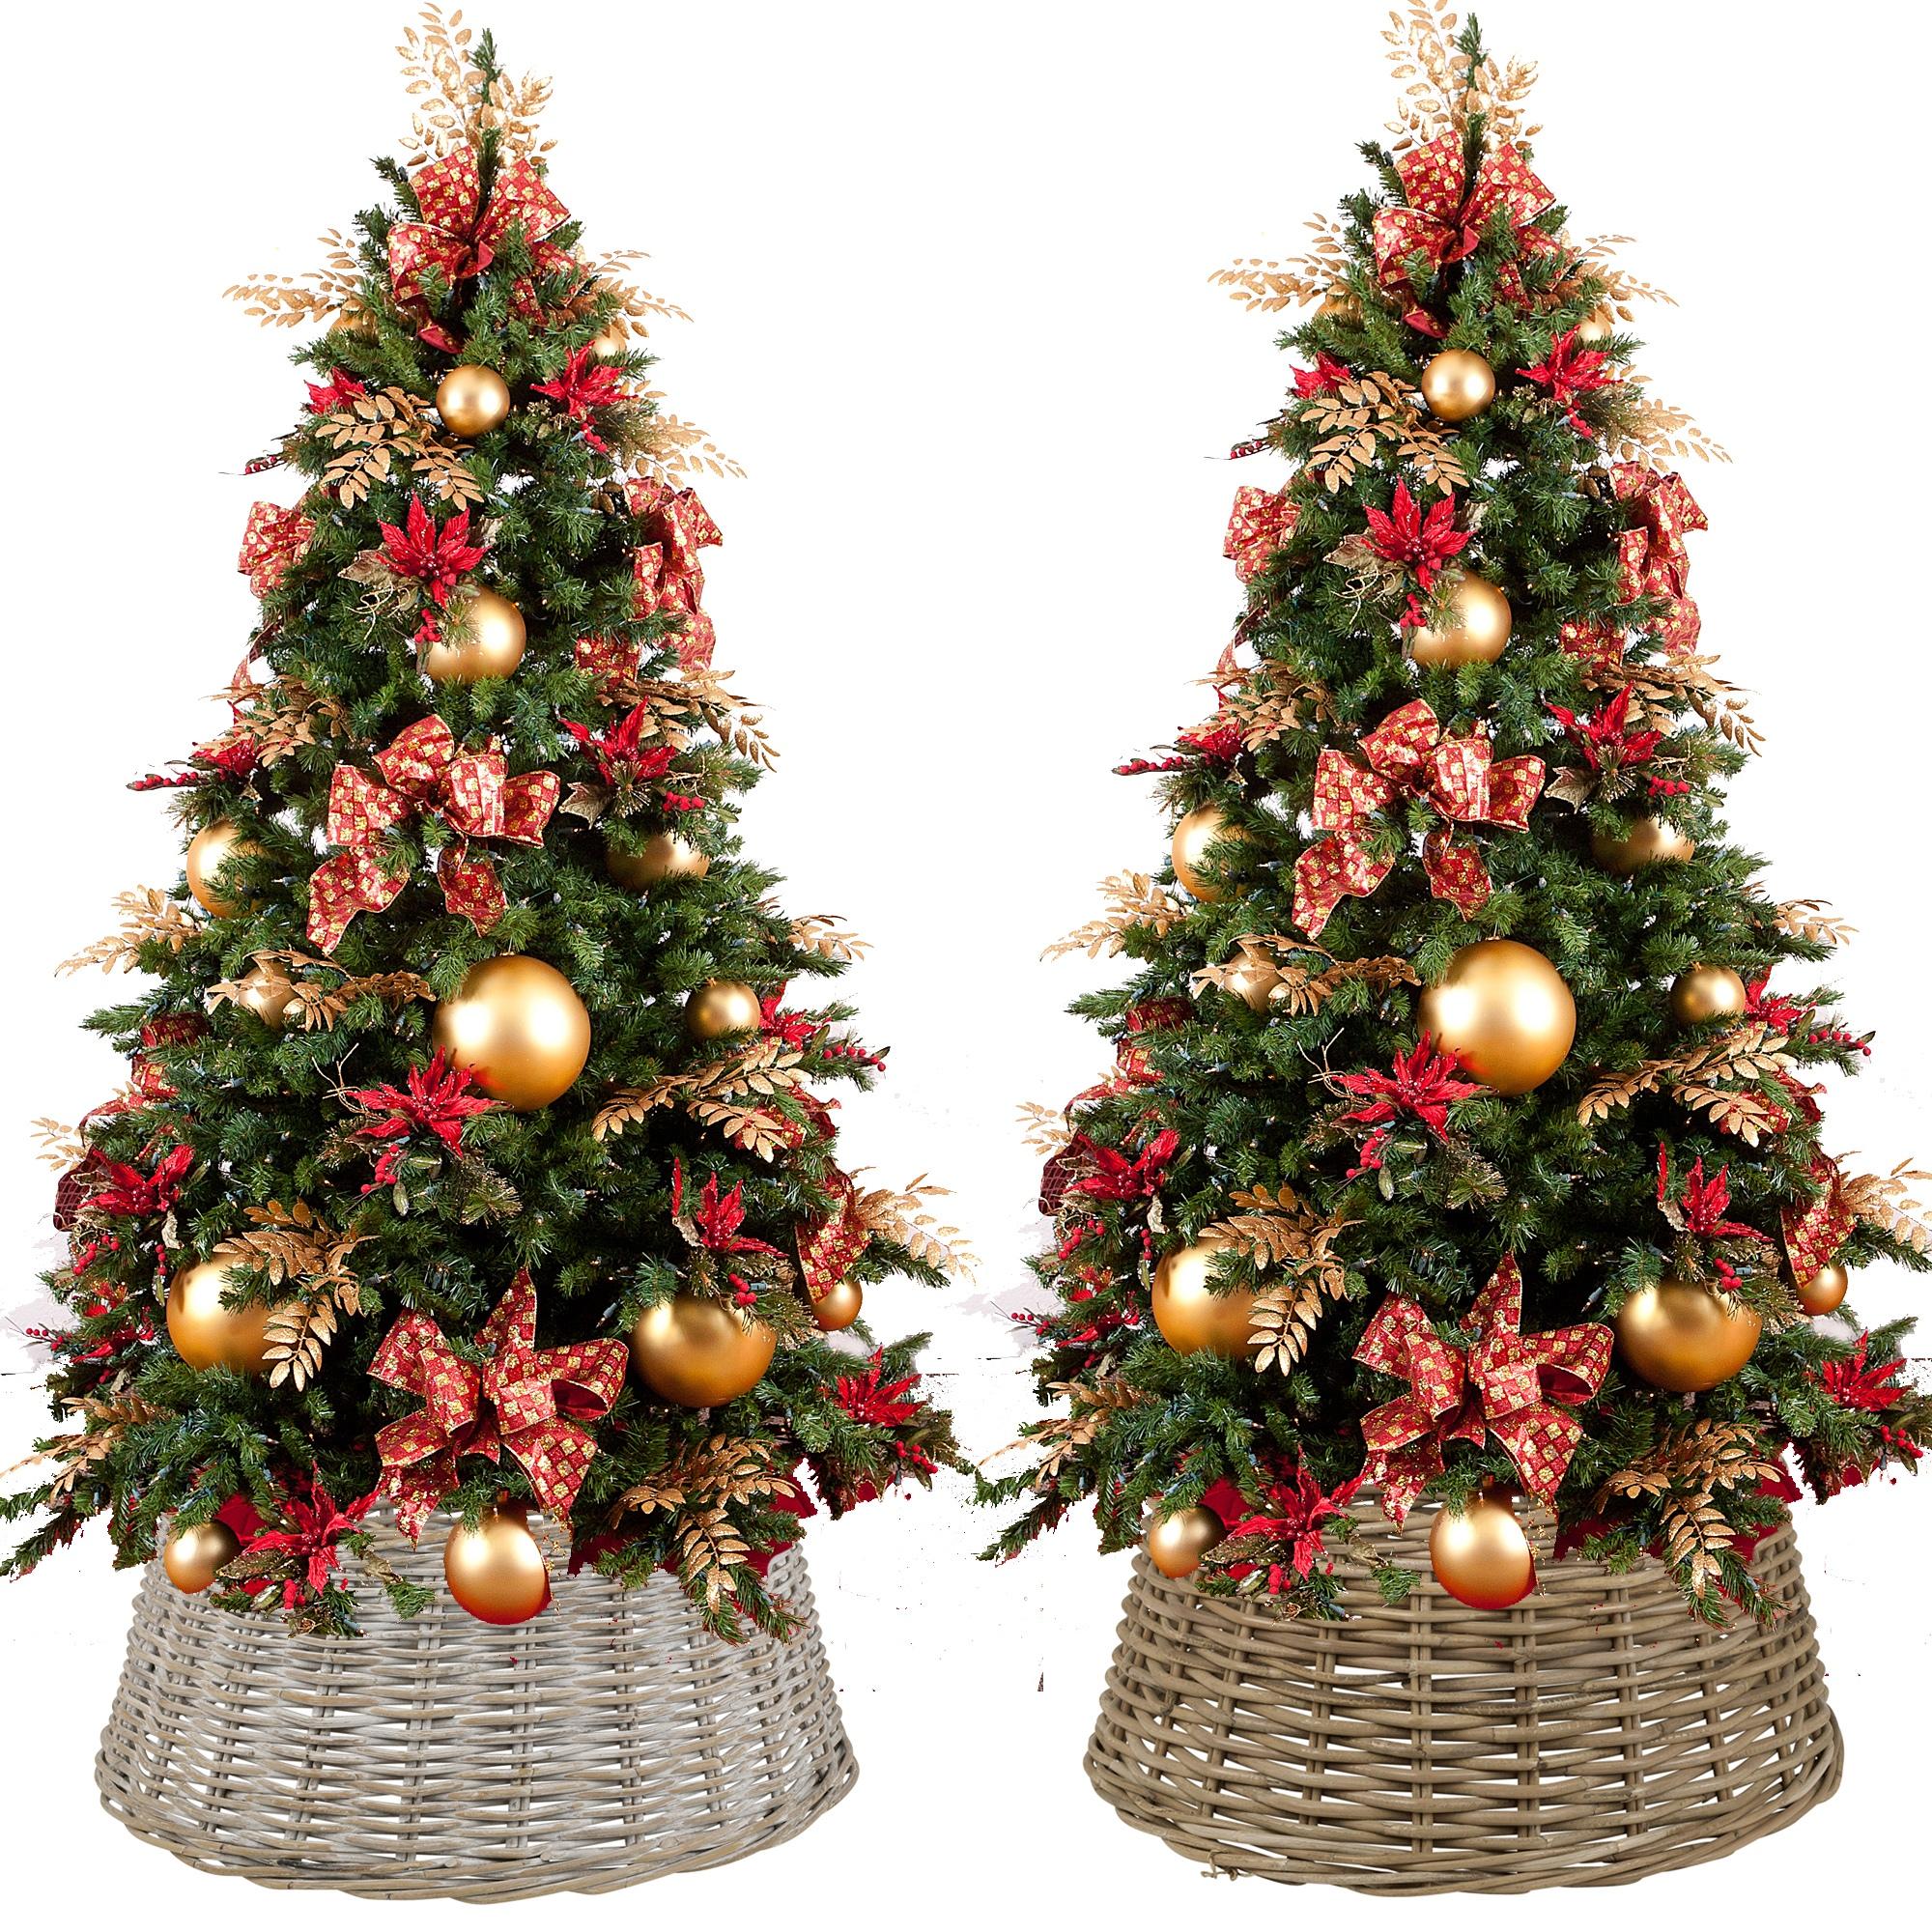 Large Christmas Tree: Large Willow Christmas Tree Skirt Xmas Rattan Wicker